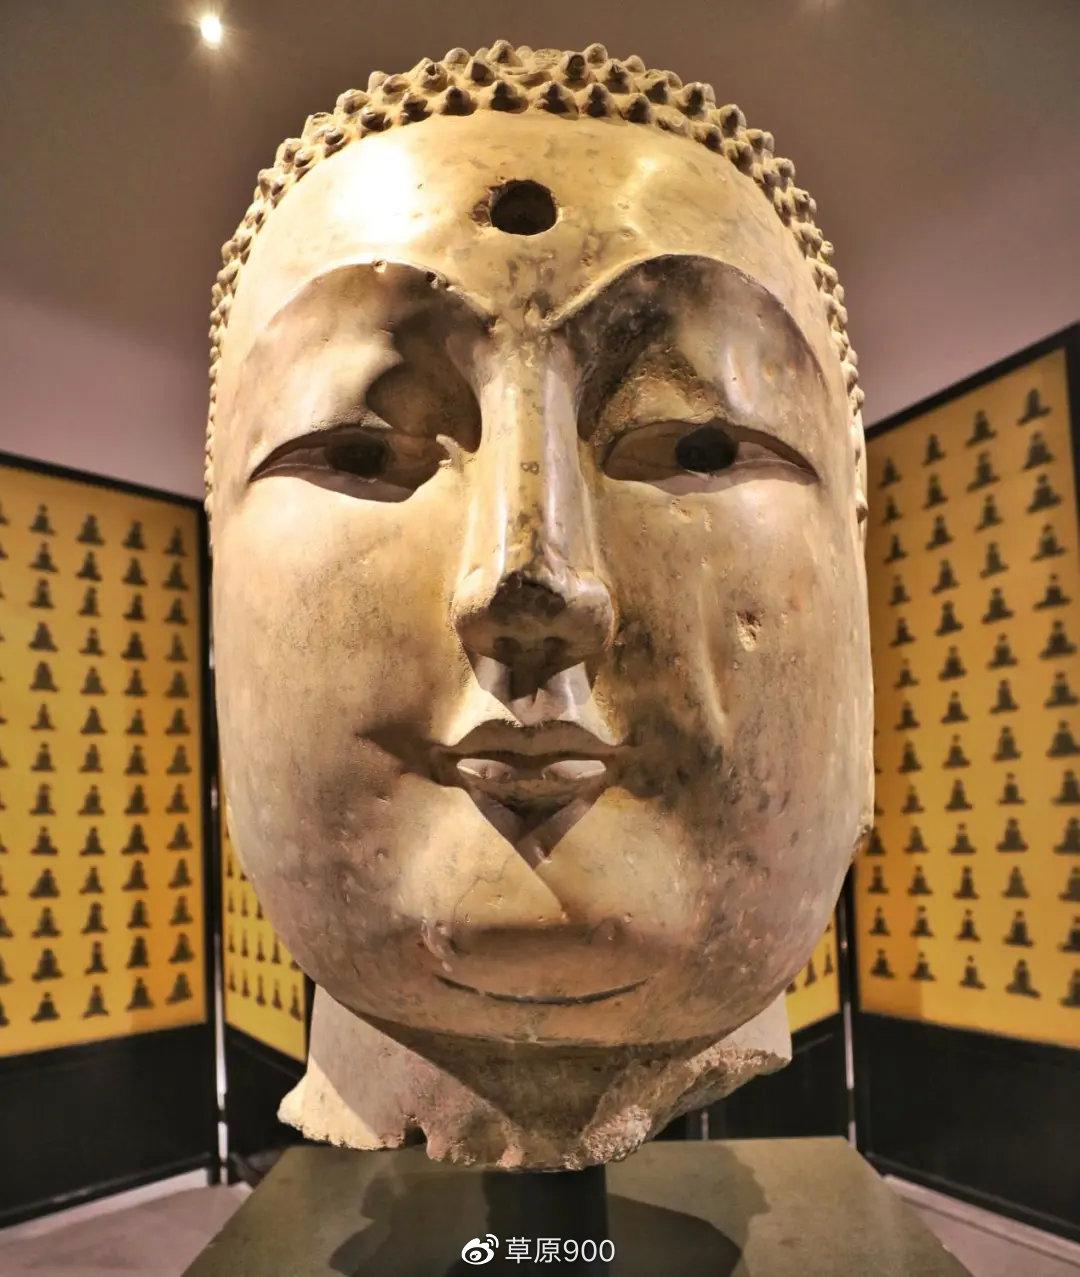 享游西安,古都与时尚,周末来威斯汀大酒店曲江艺术博物馆看看